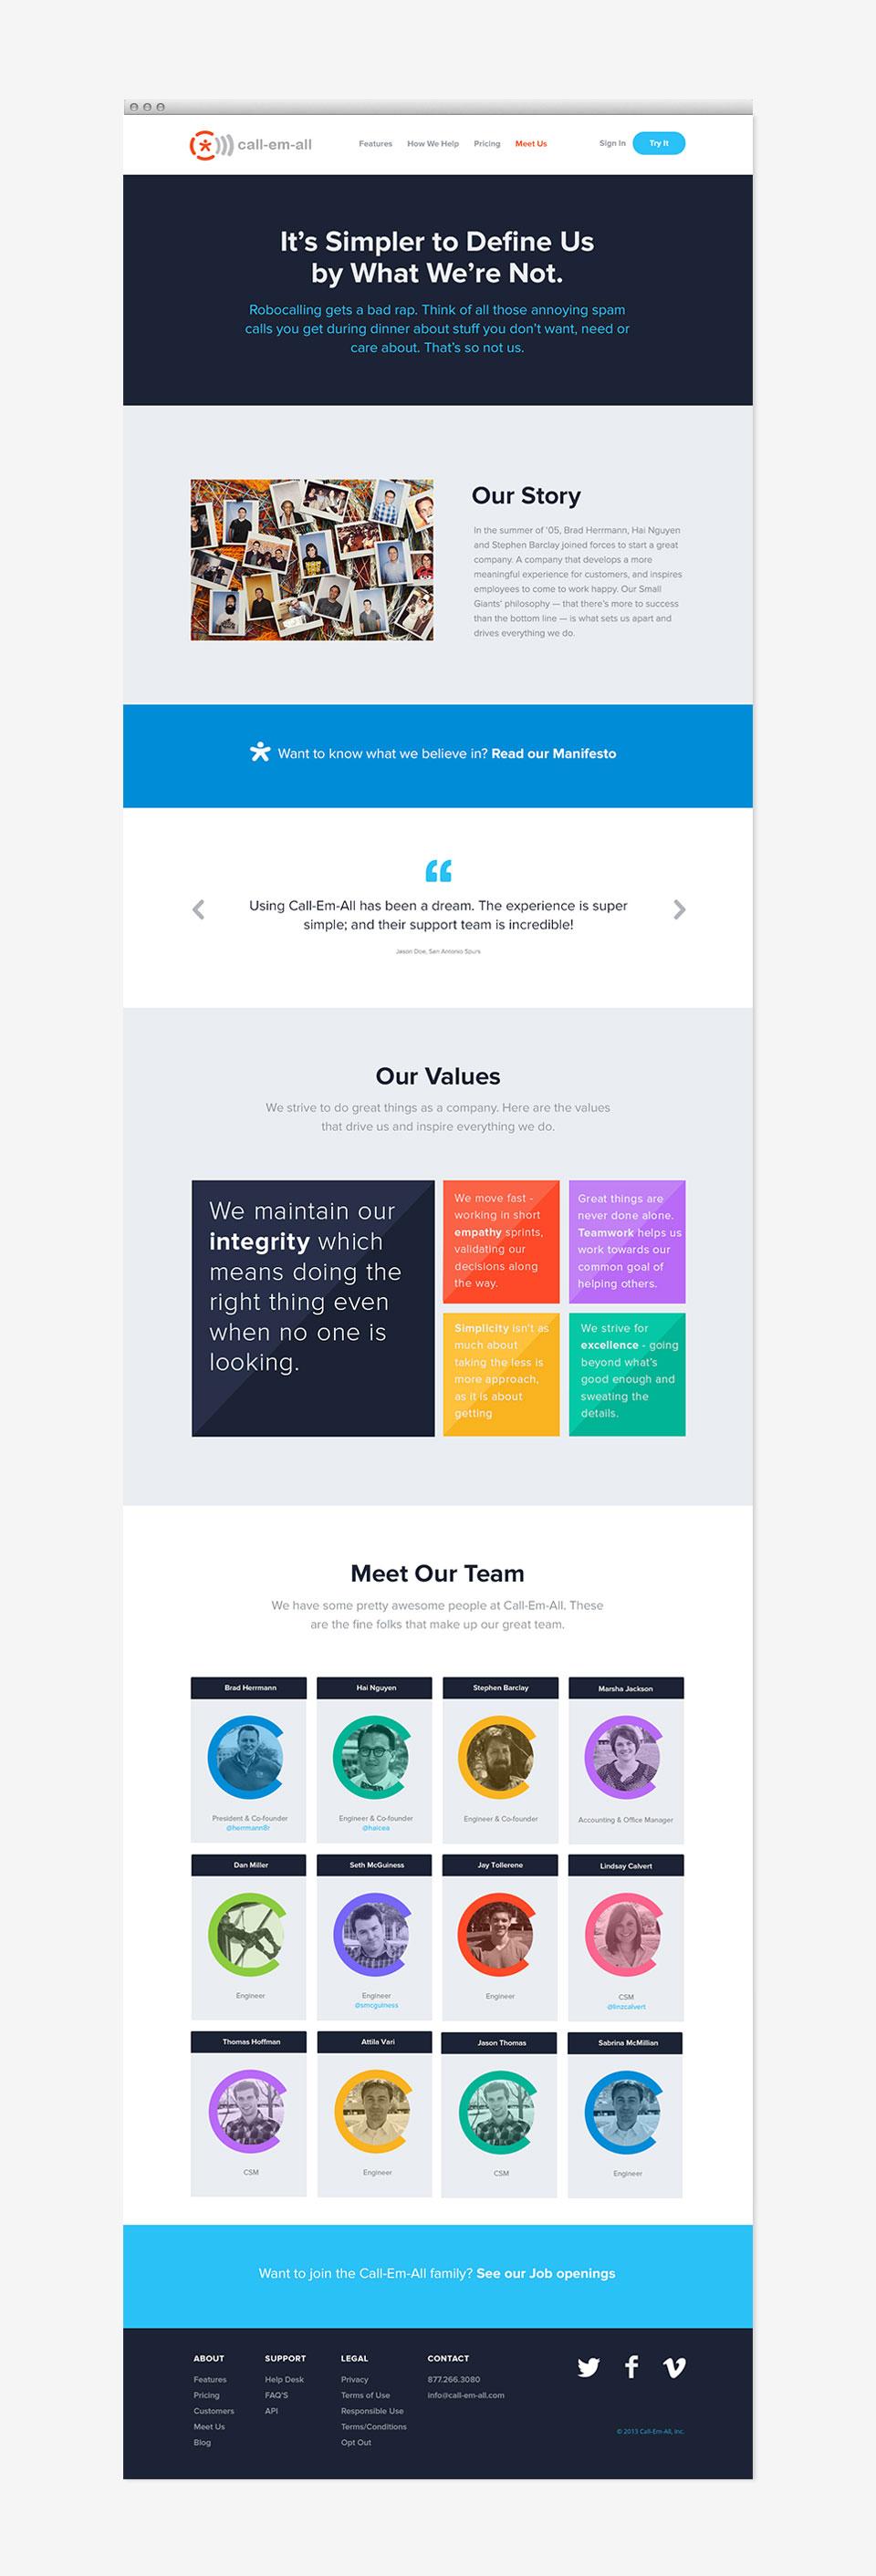 call-em-all website by motto